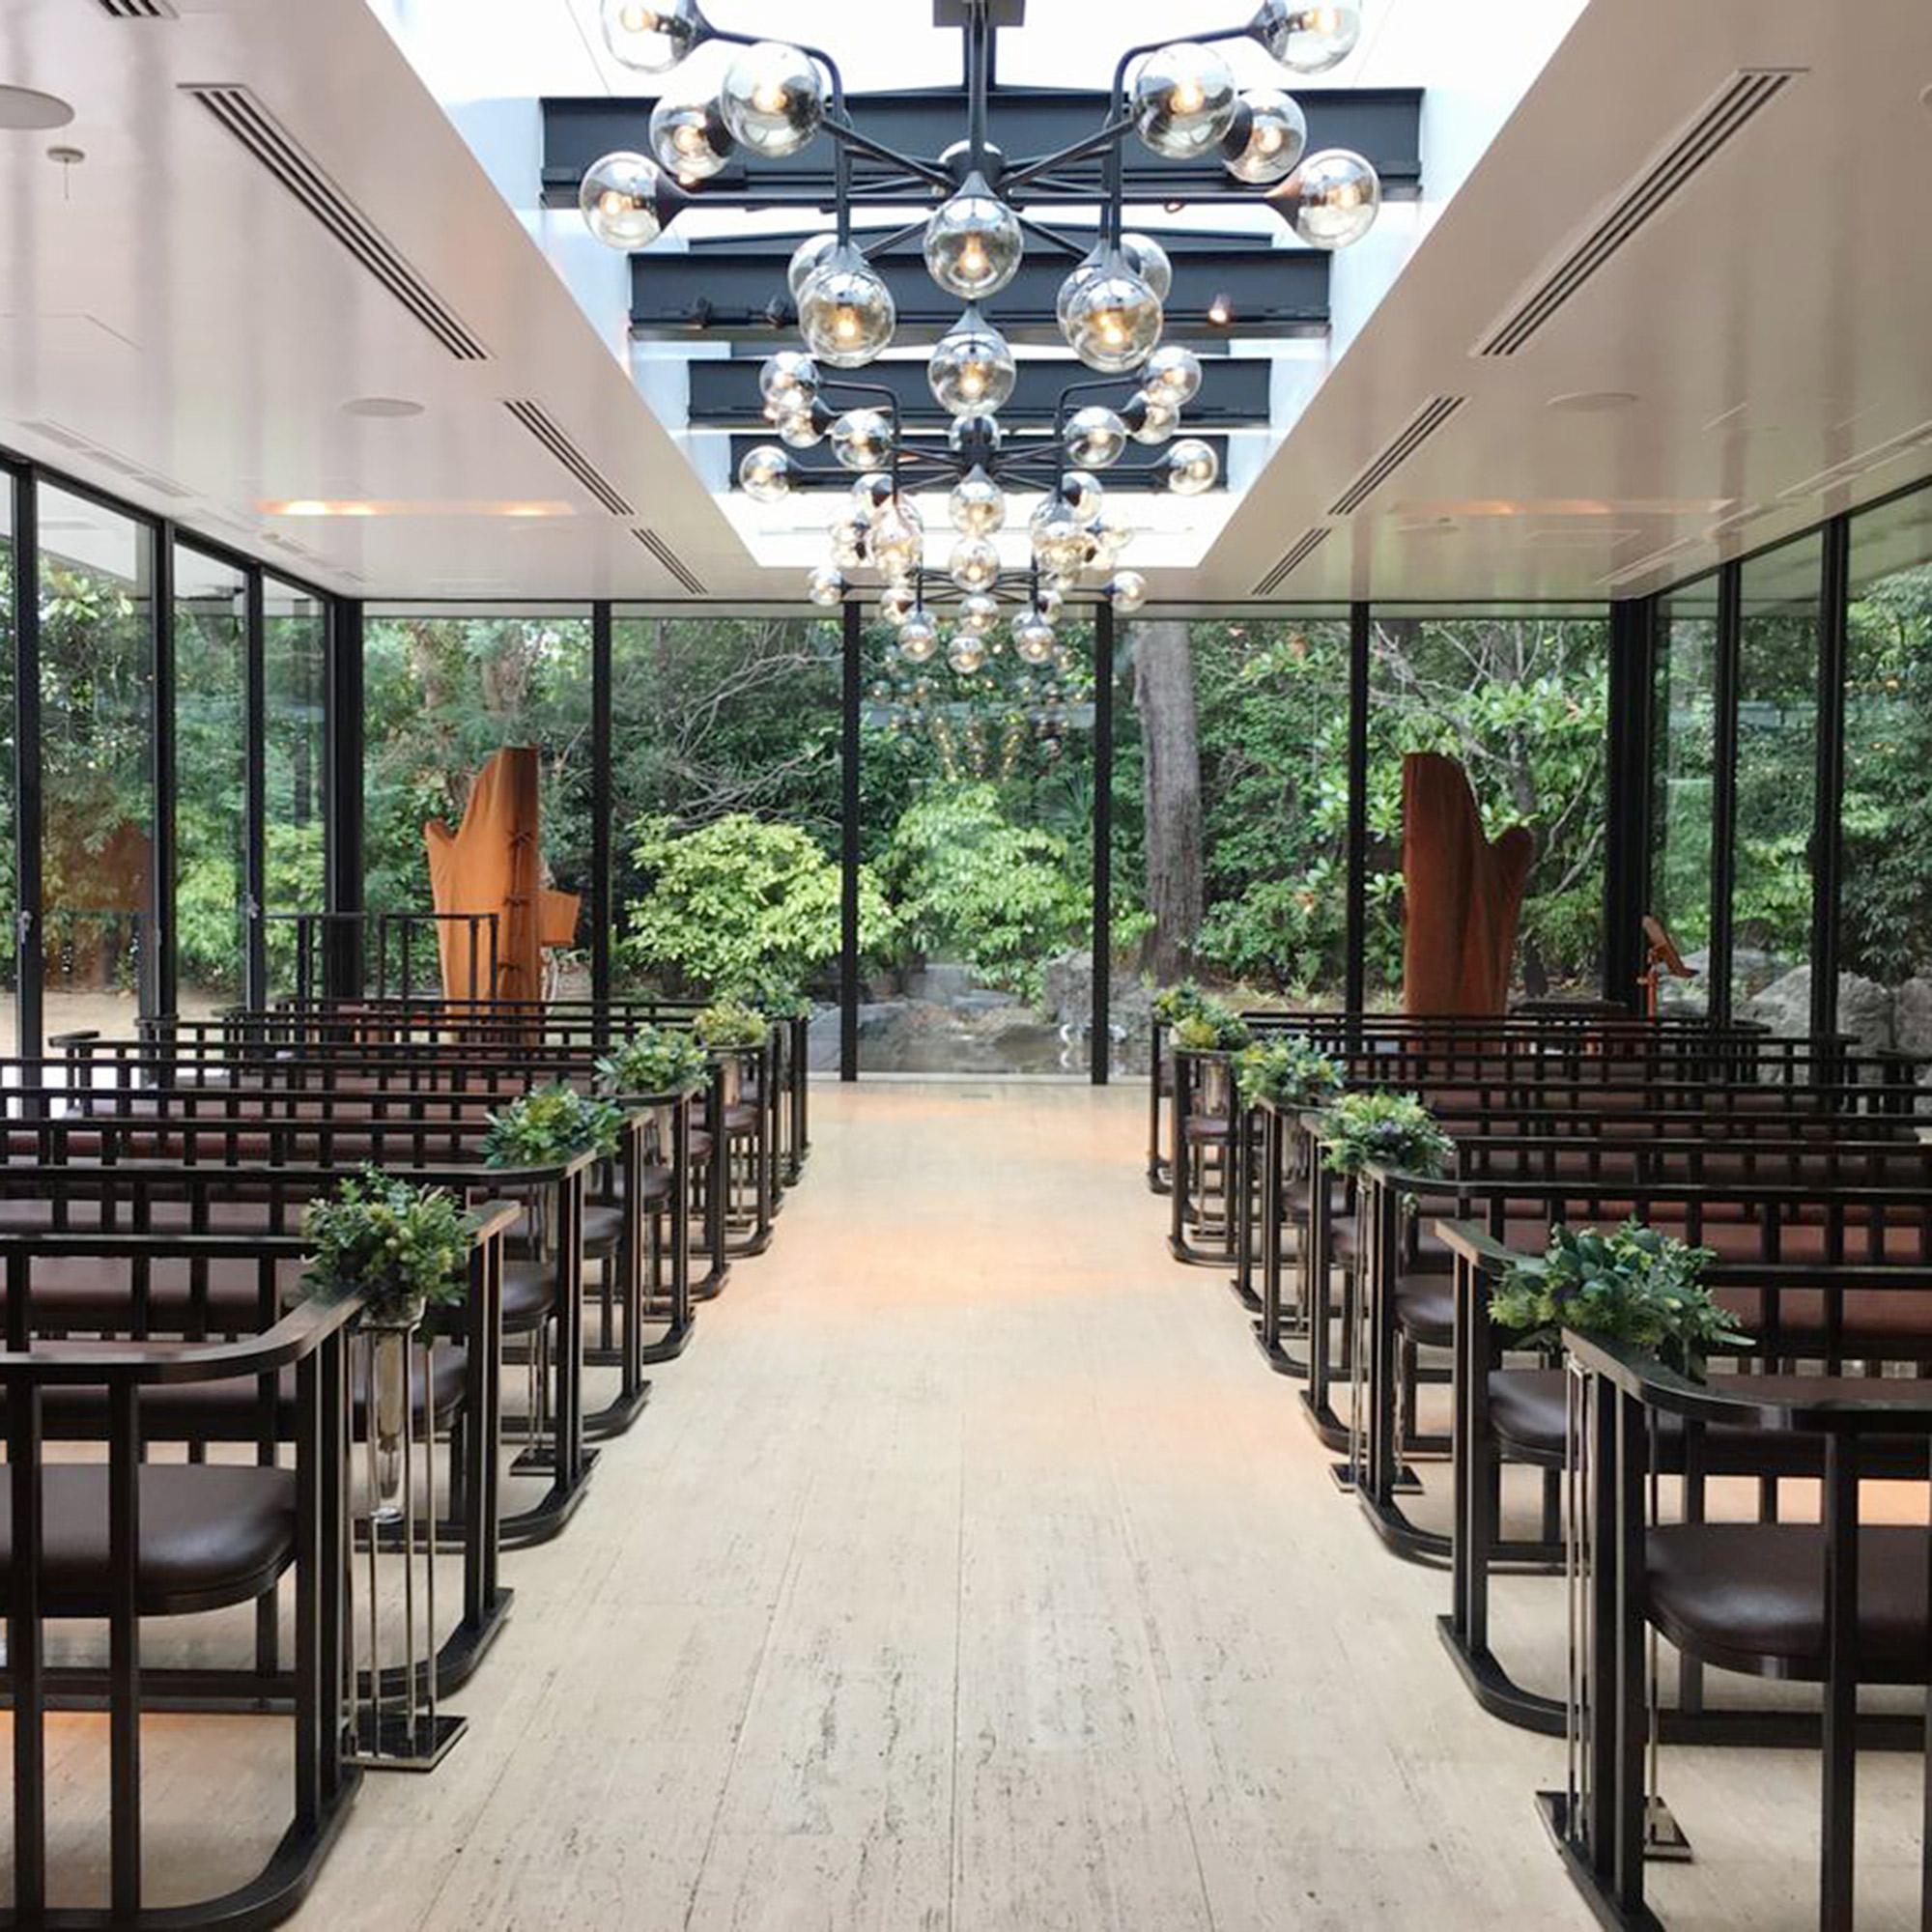 ザ・ガーデンオリエンタル・大阪のザ ミュージックホール内部